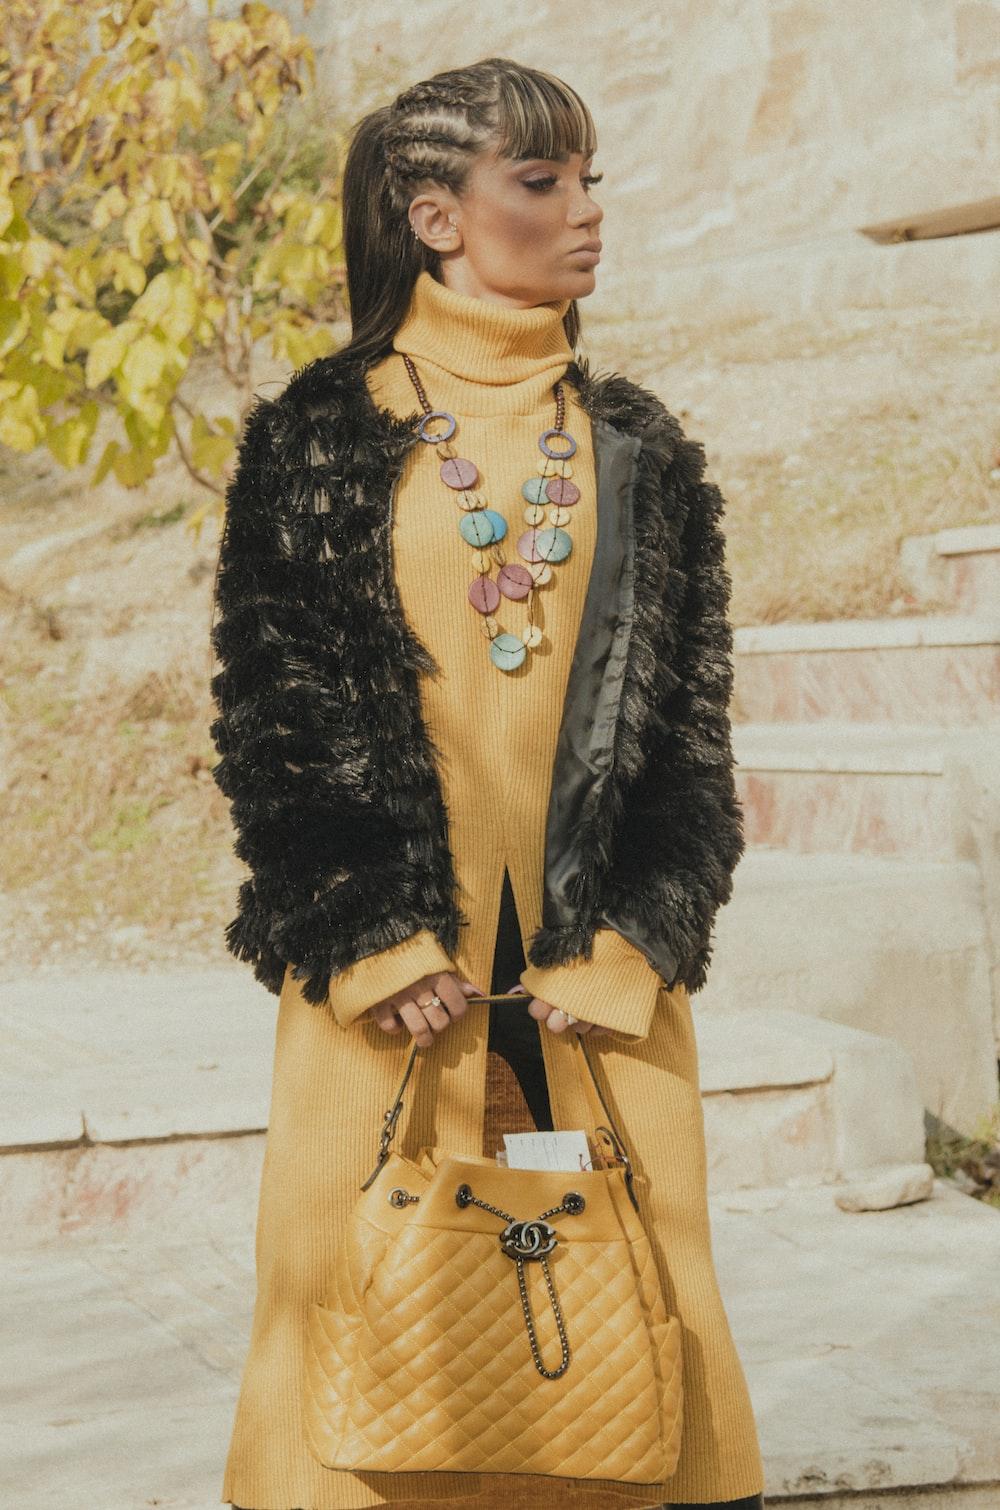 woman in black fur coat and brown sling bag